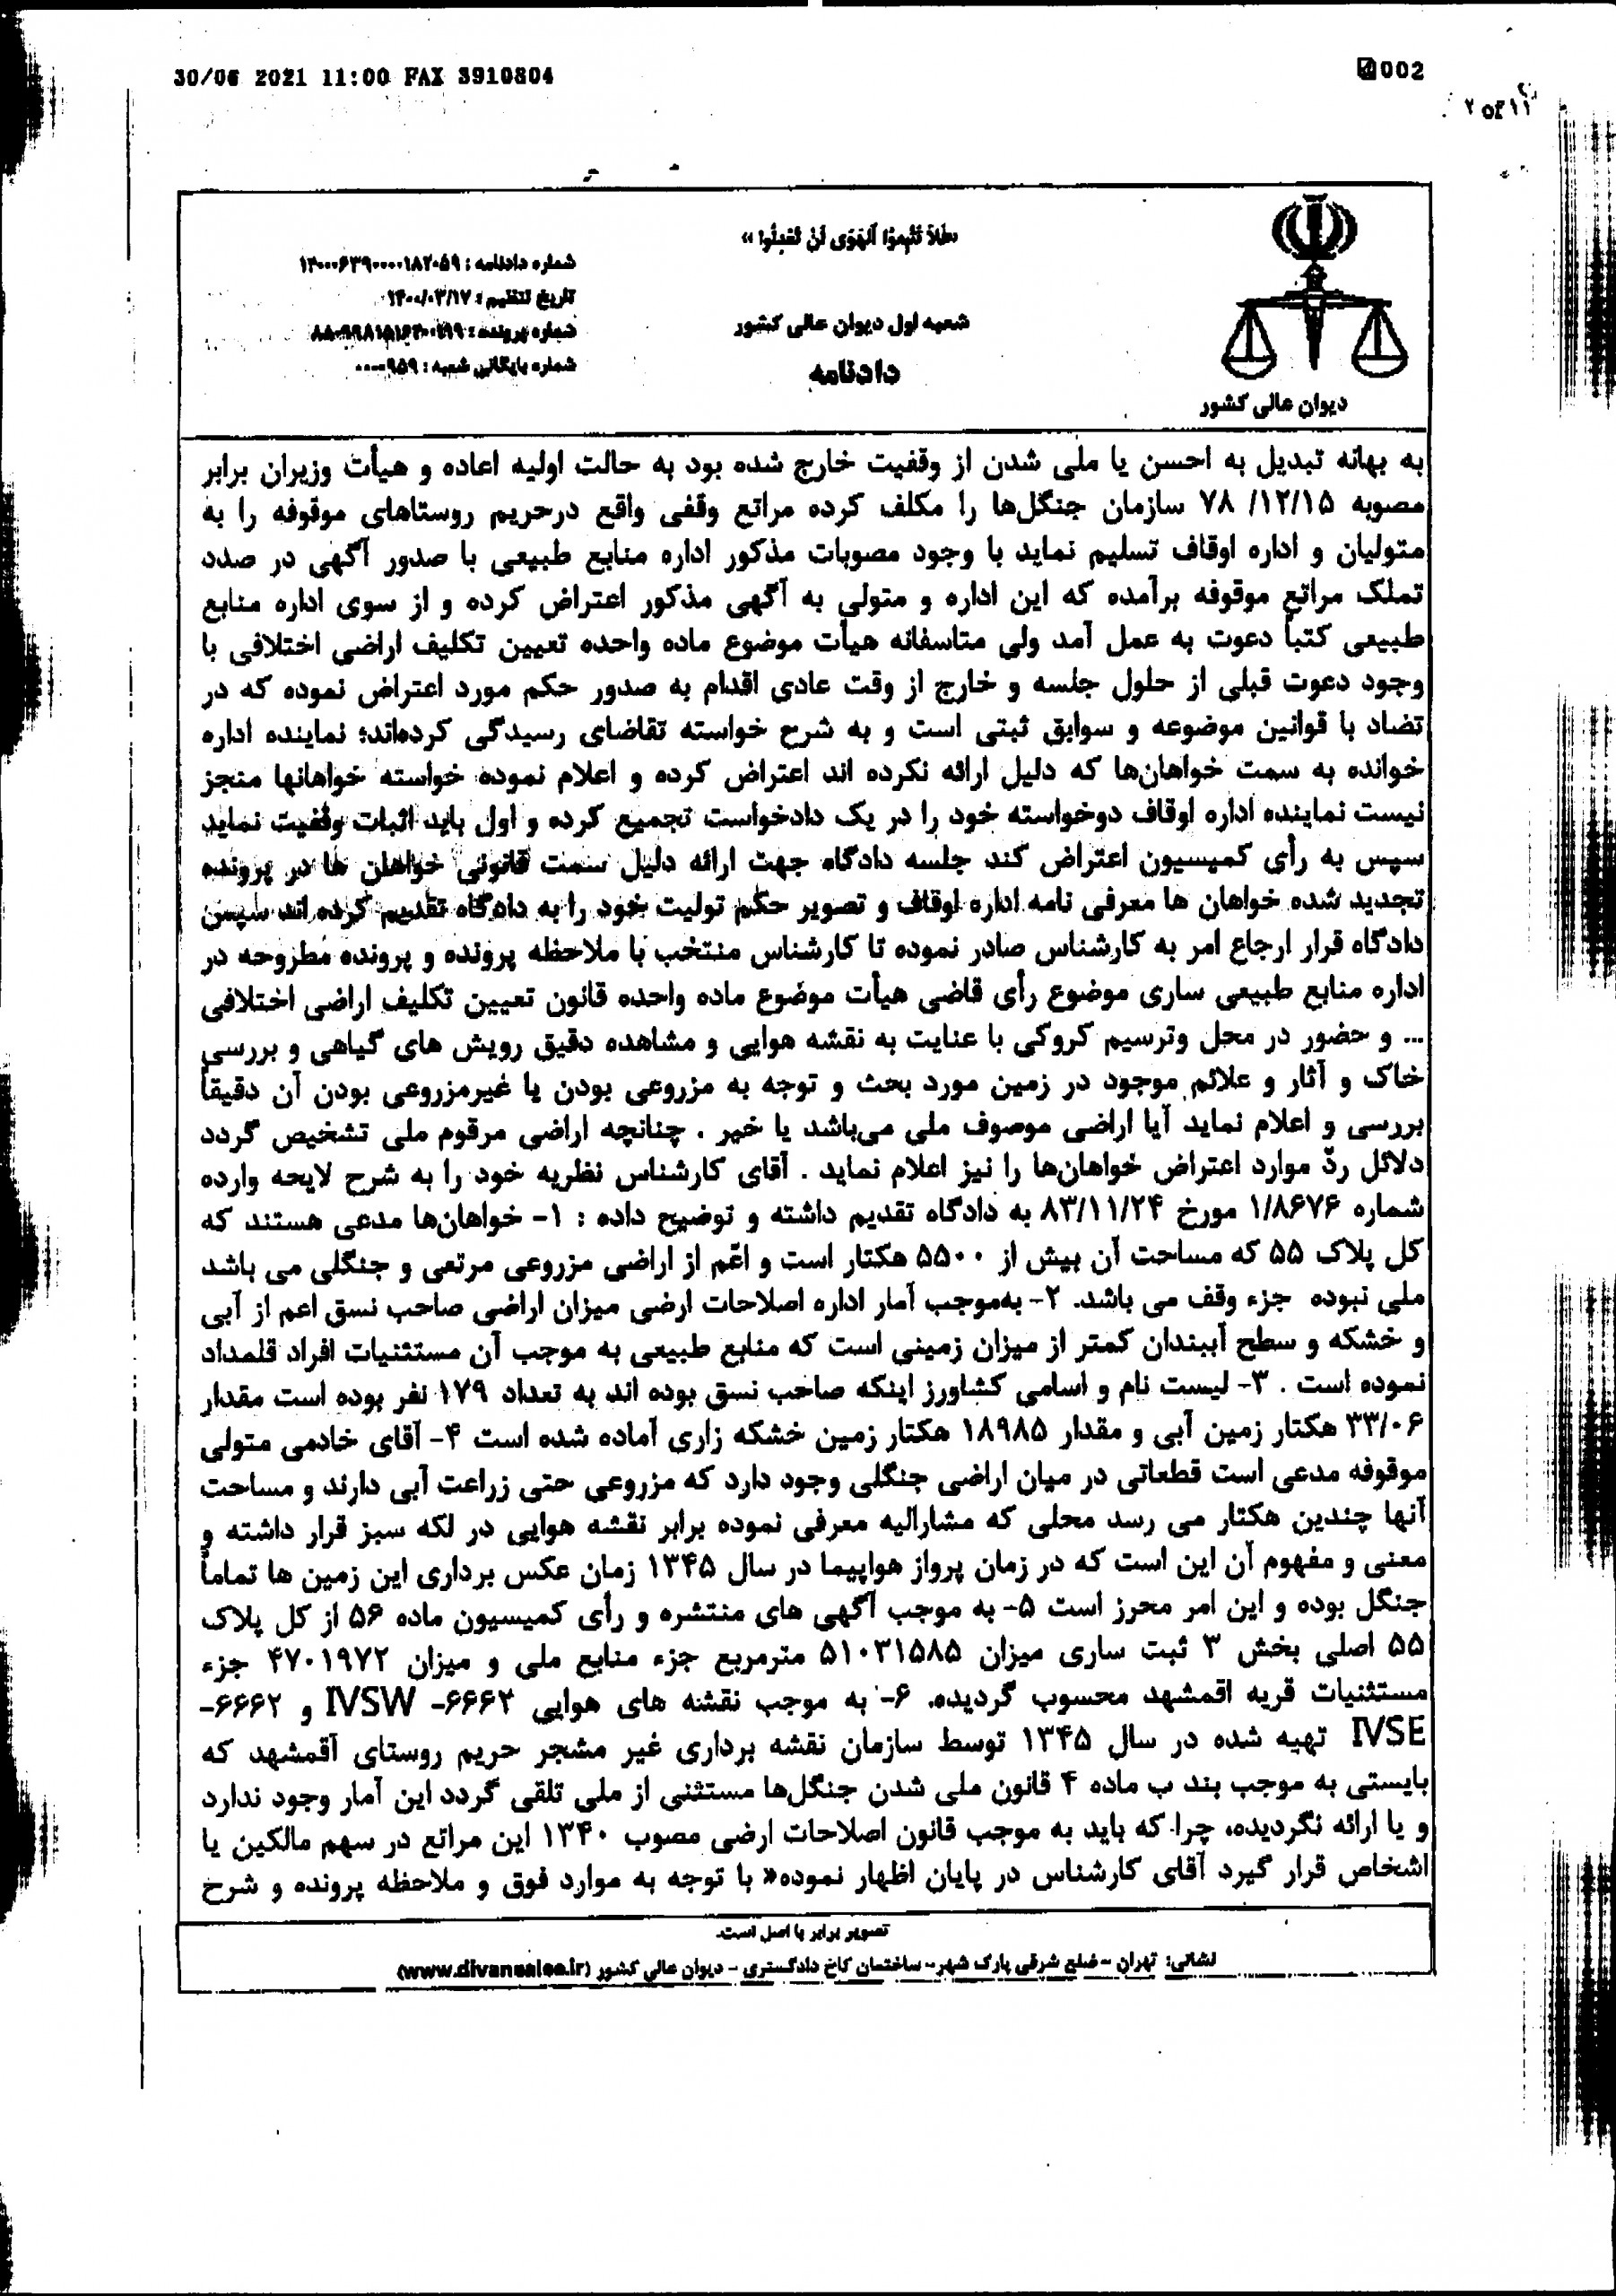 رأی شعبه یک دیوان عالی کشور درخصوص پرونده جنگل آق مشهد ۲